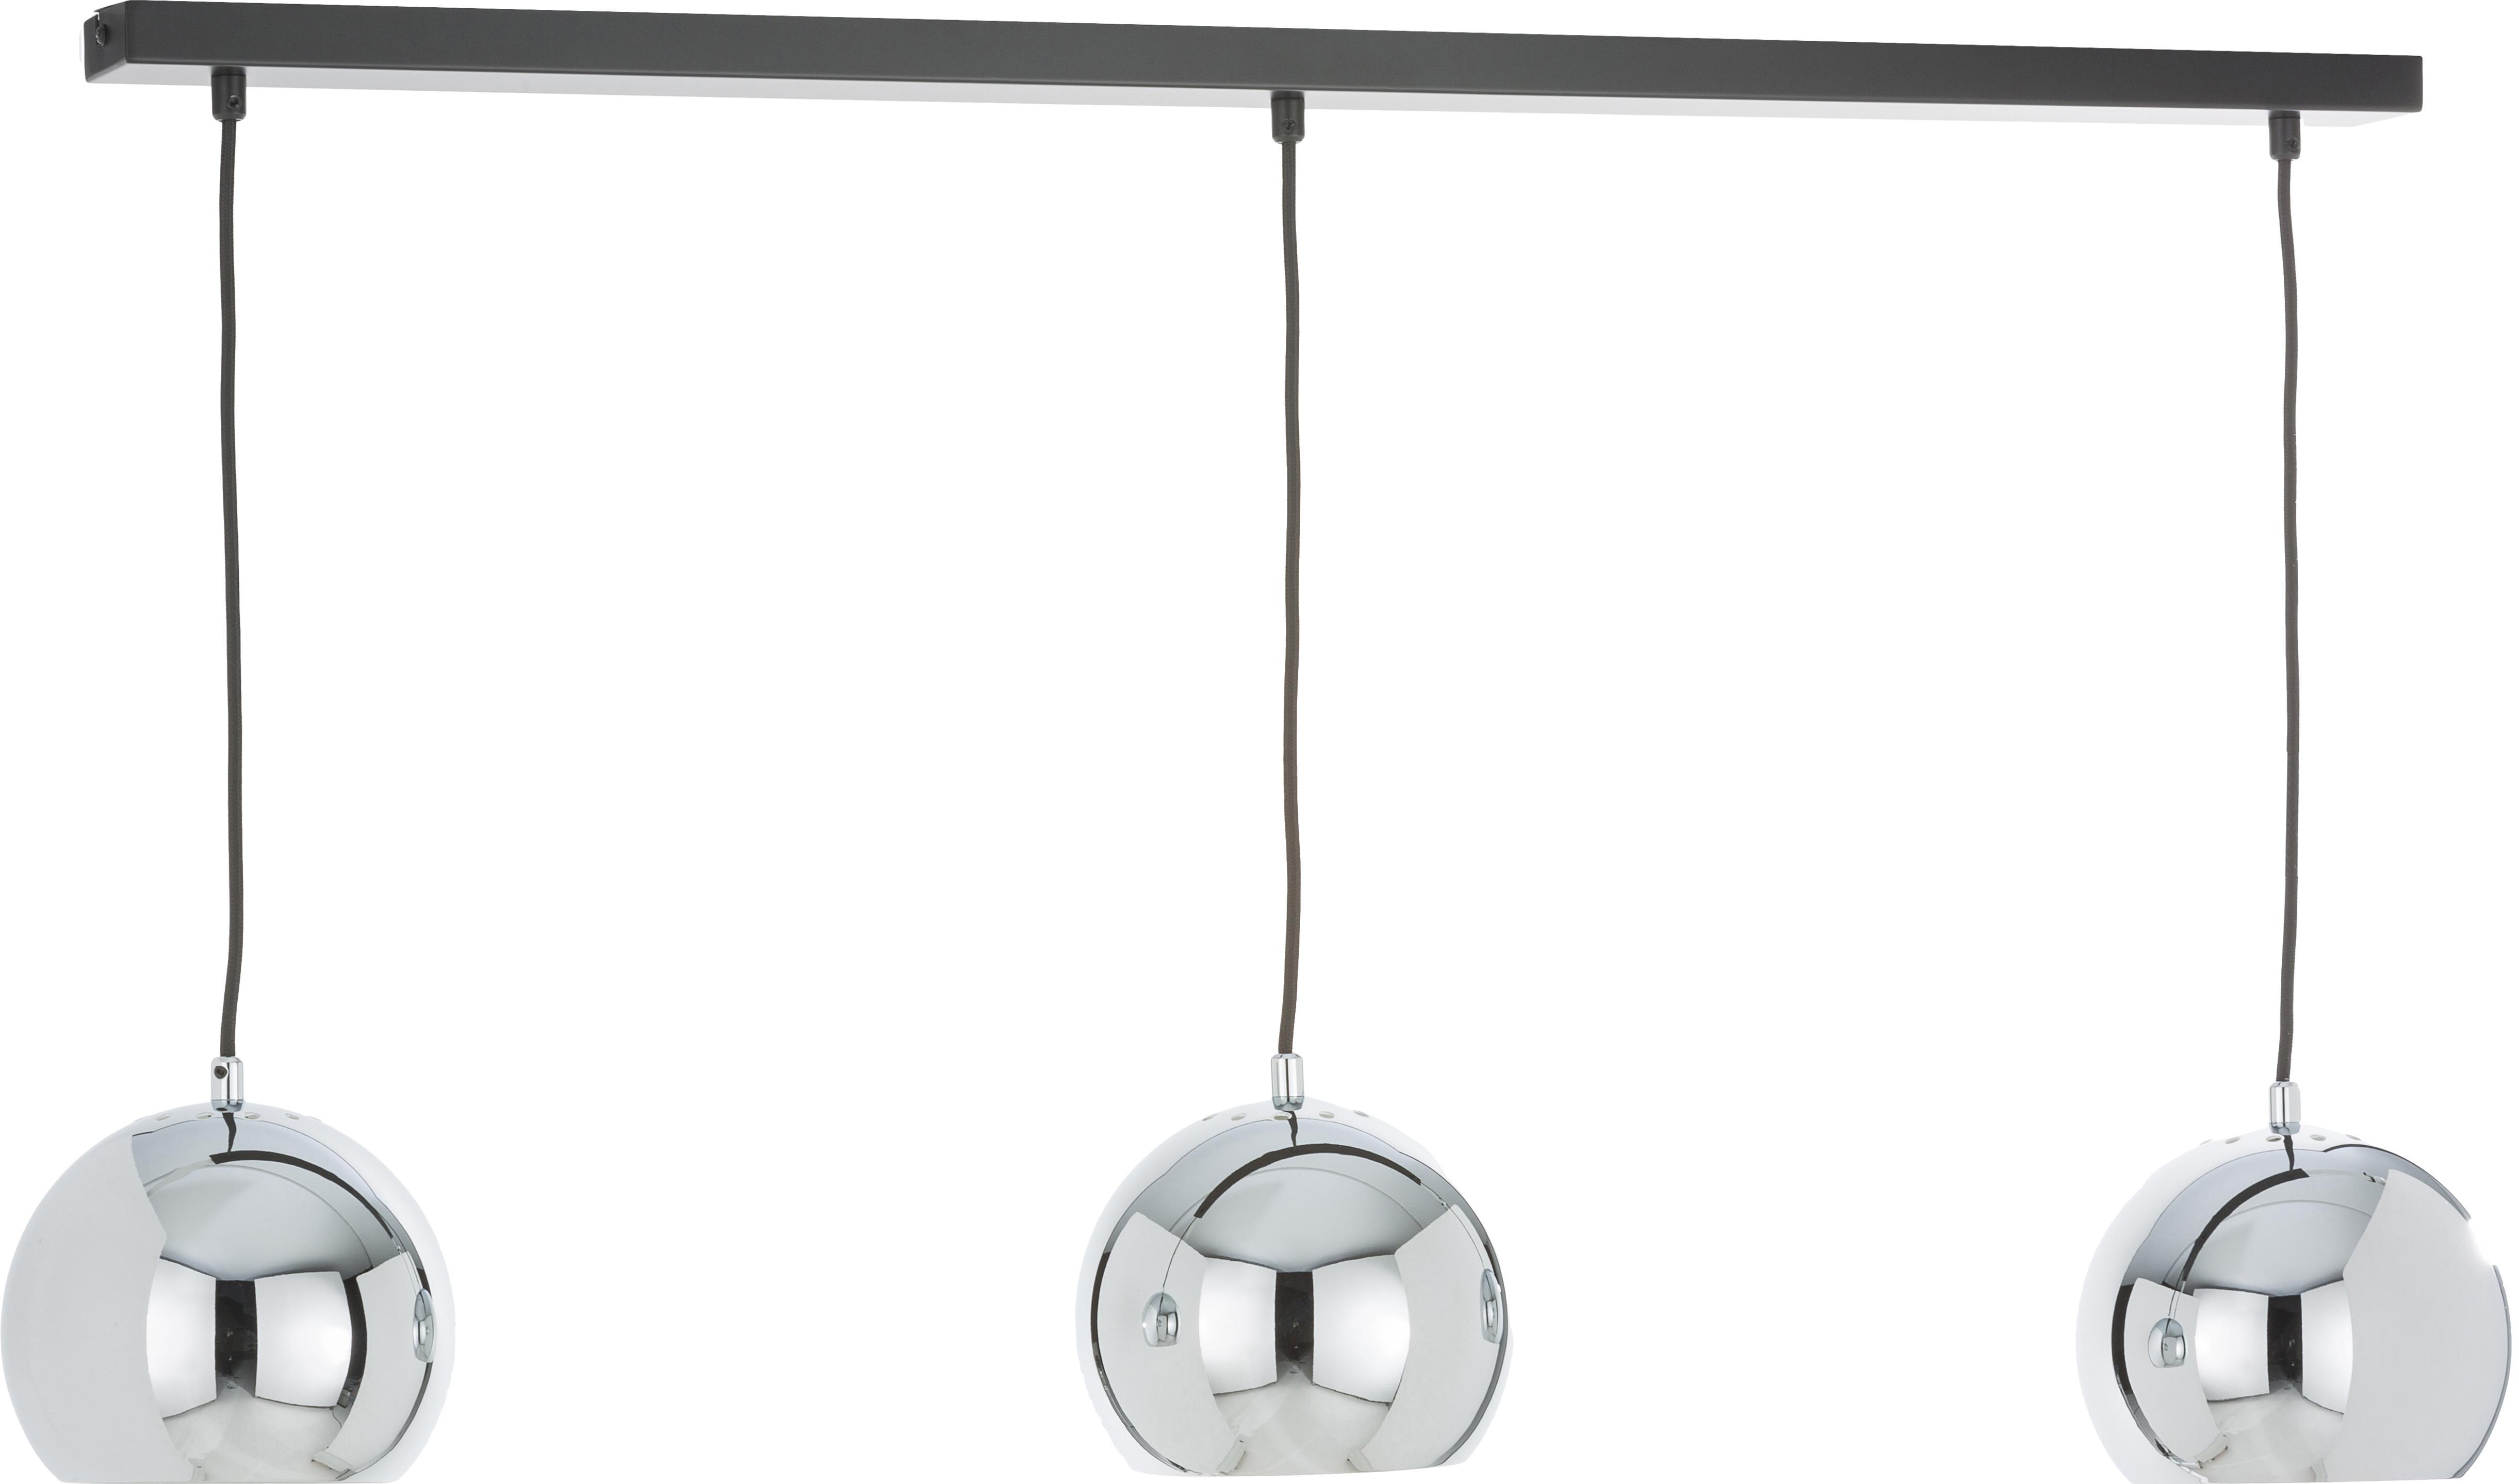 Kugel-Pendelleuchte Ball in Silber, Baldachin: Metall, lackiert, Chrom, hochglanz, Schwarz, matt, 100 x 168 cm